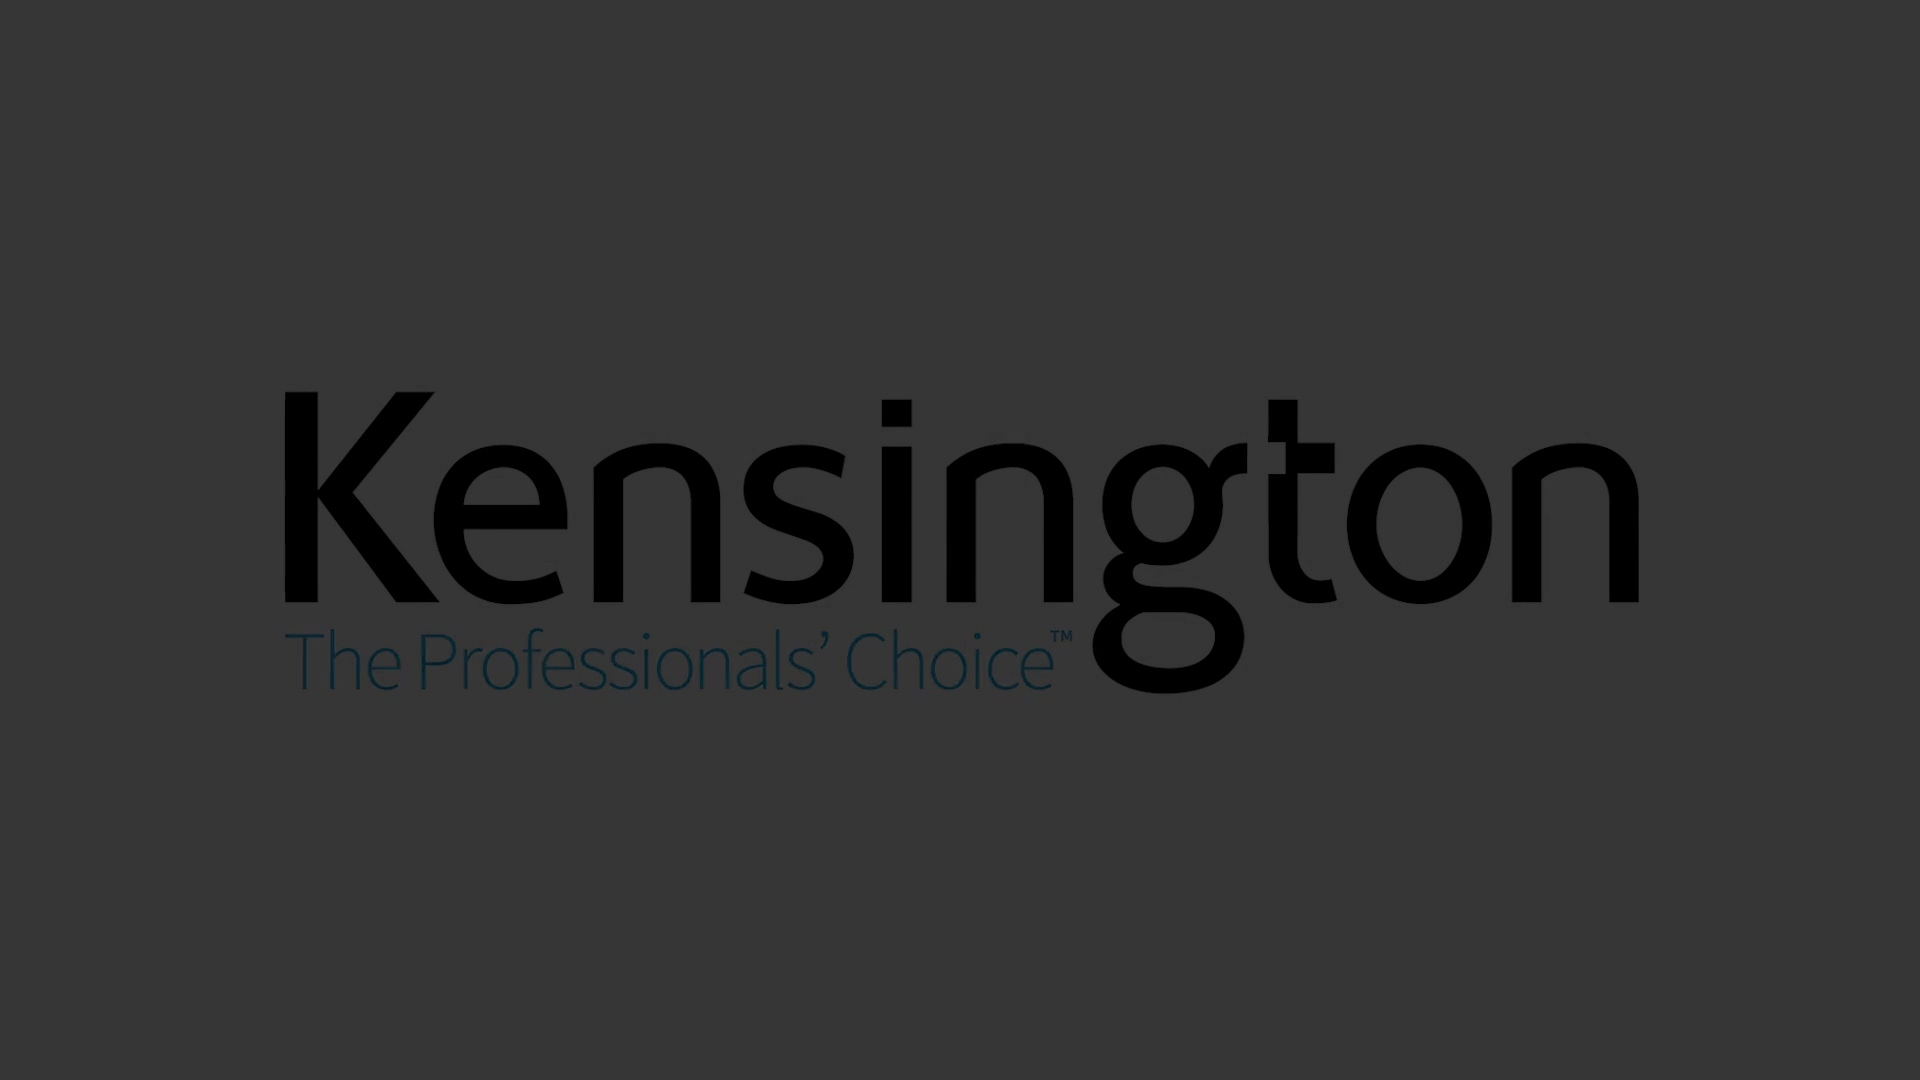 Kensington ProConcierge Program Overview